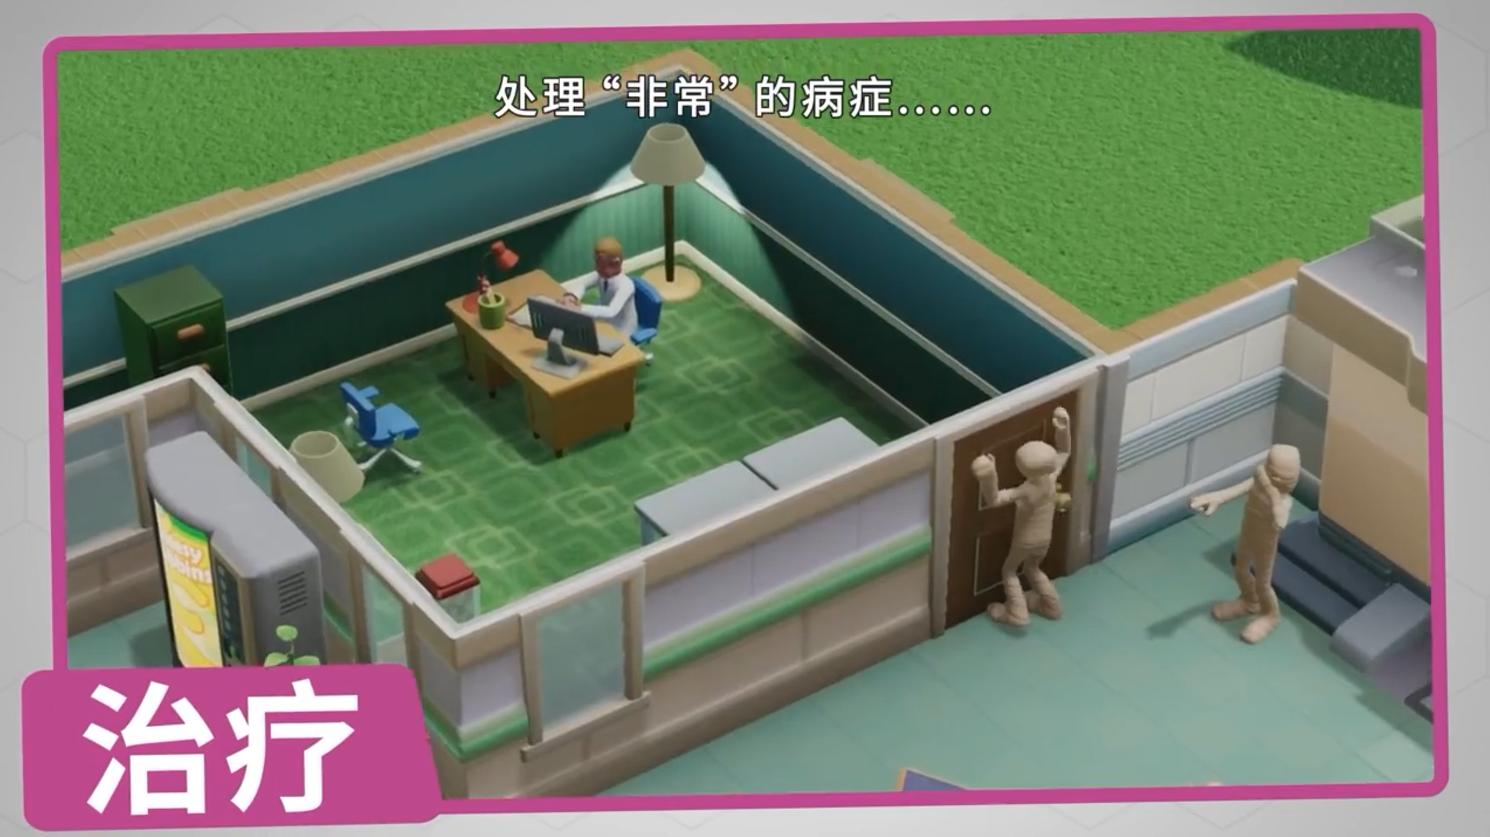 《双点医院》中文预告片公开 2019年底登陆主机平台